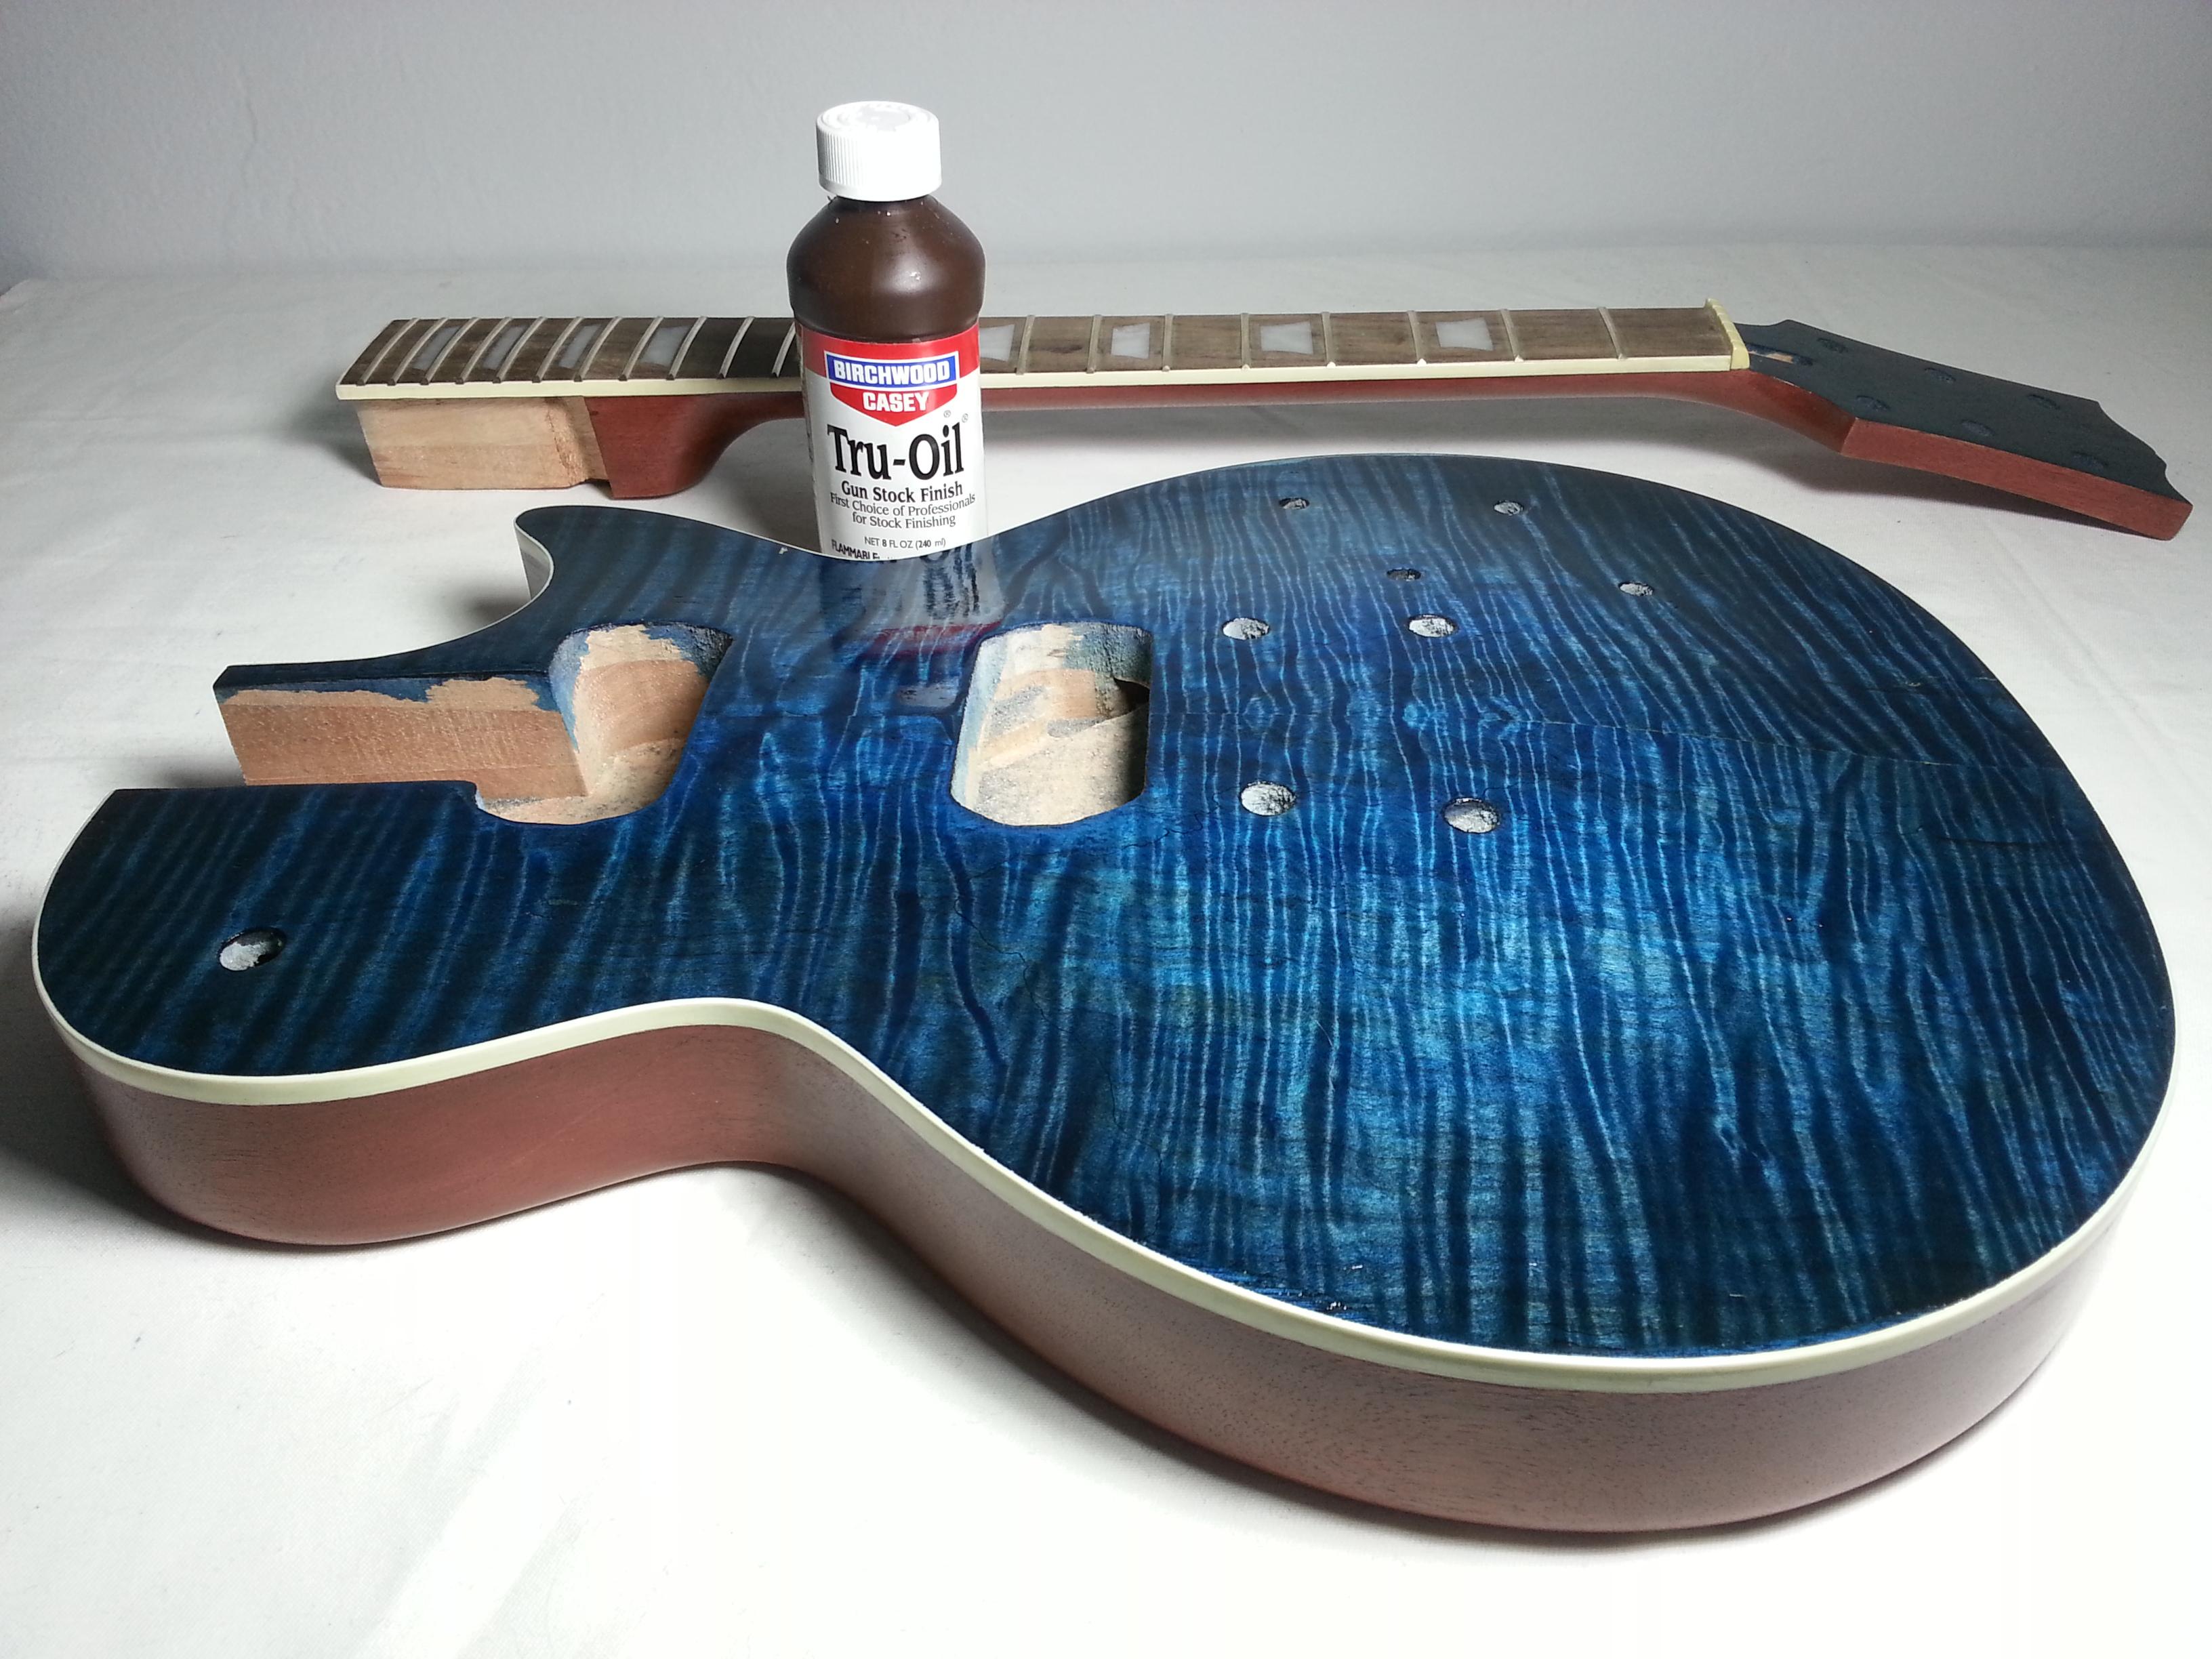 Drawn guitar refinish 3: Guitar Tru Guitar Kit